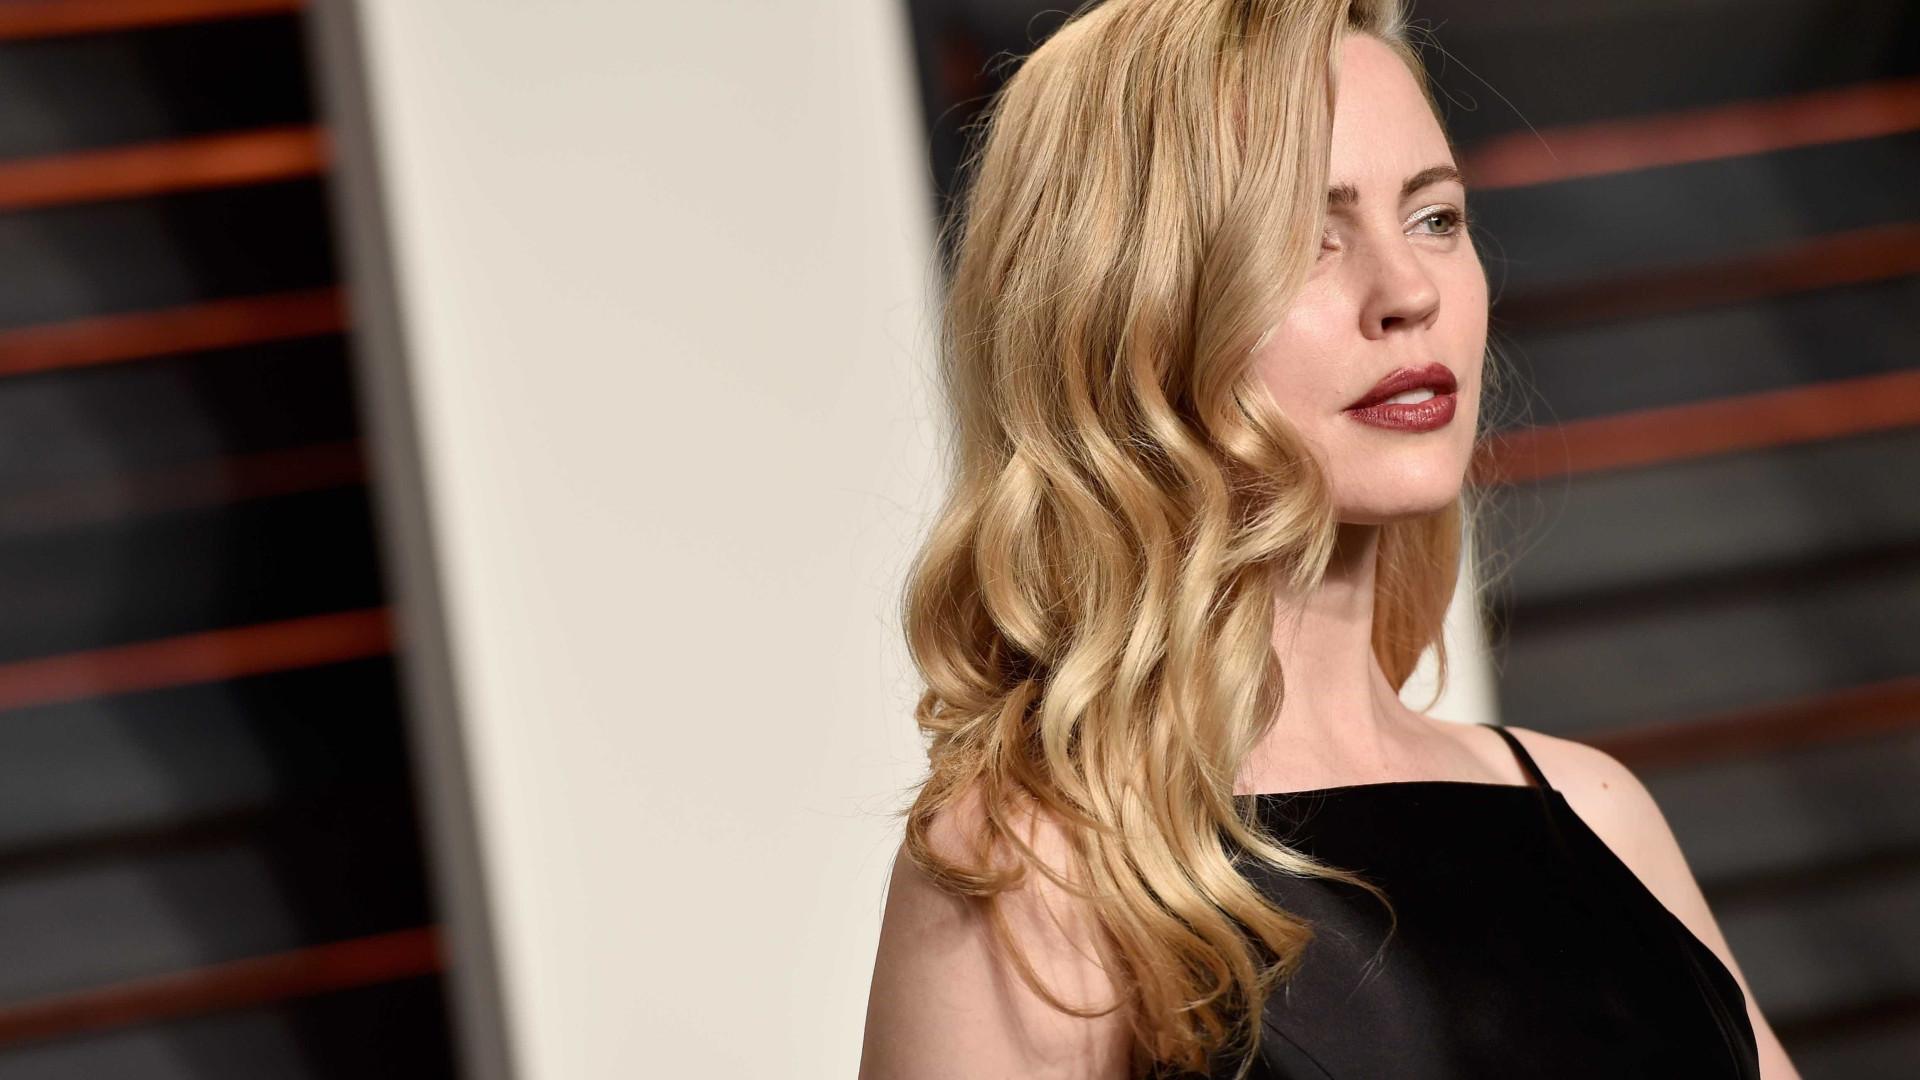 Vítima de violência doméstica, atriz fala pela primeira vez sobre o tema